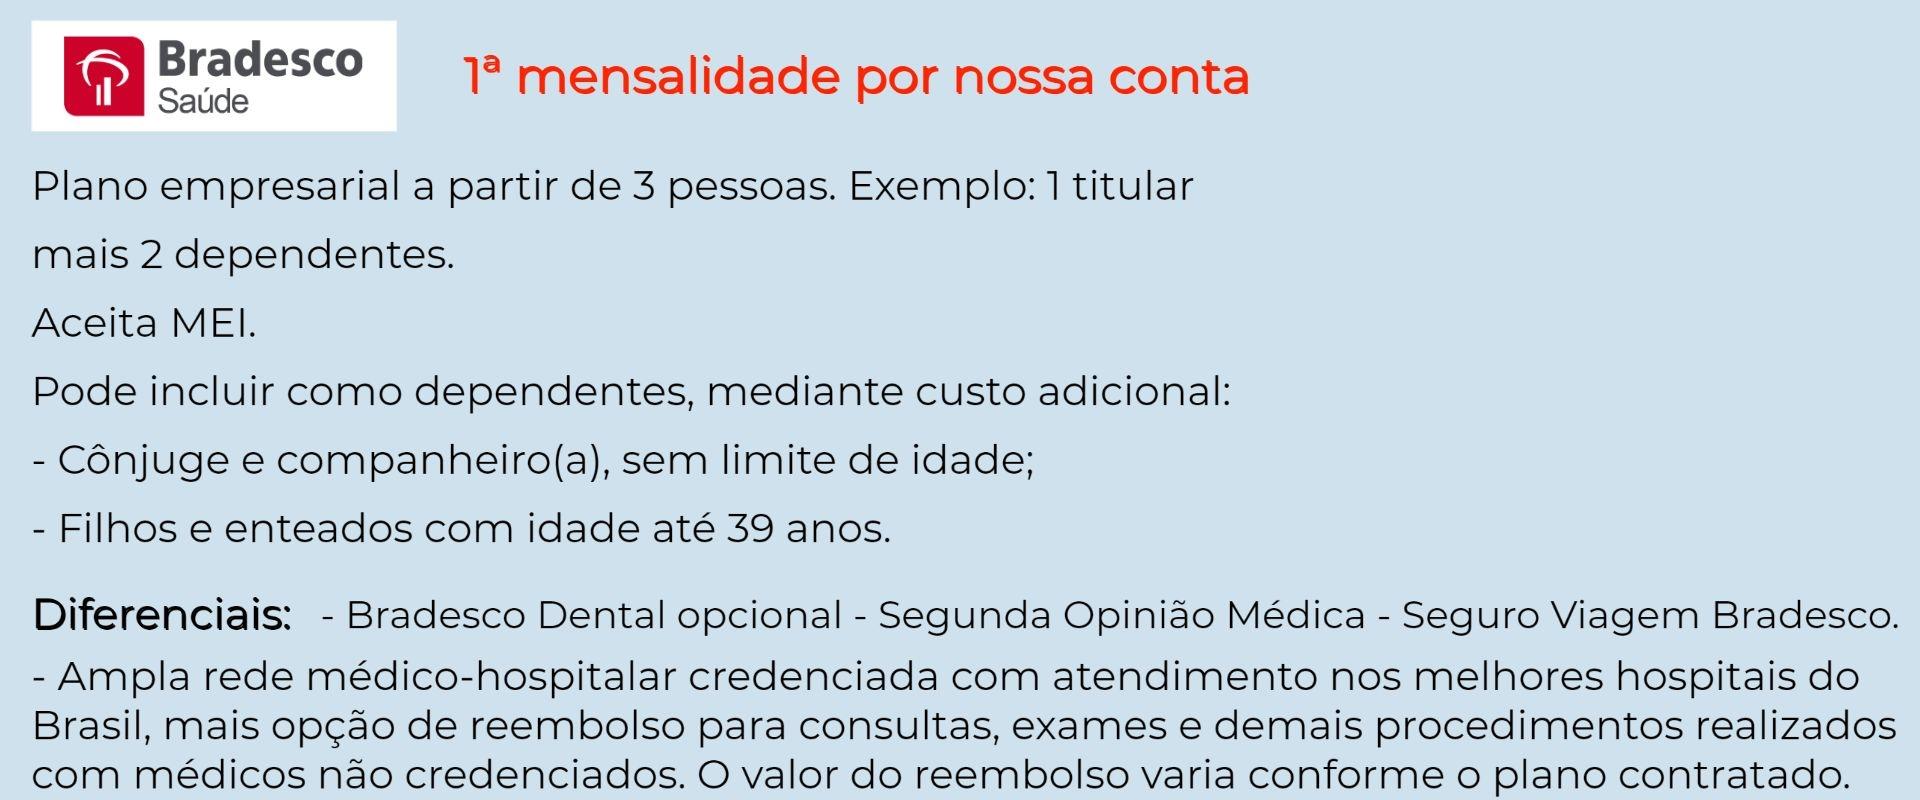 Bradesco Saúde Empresarial - Suzano